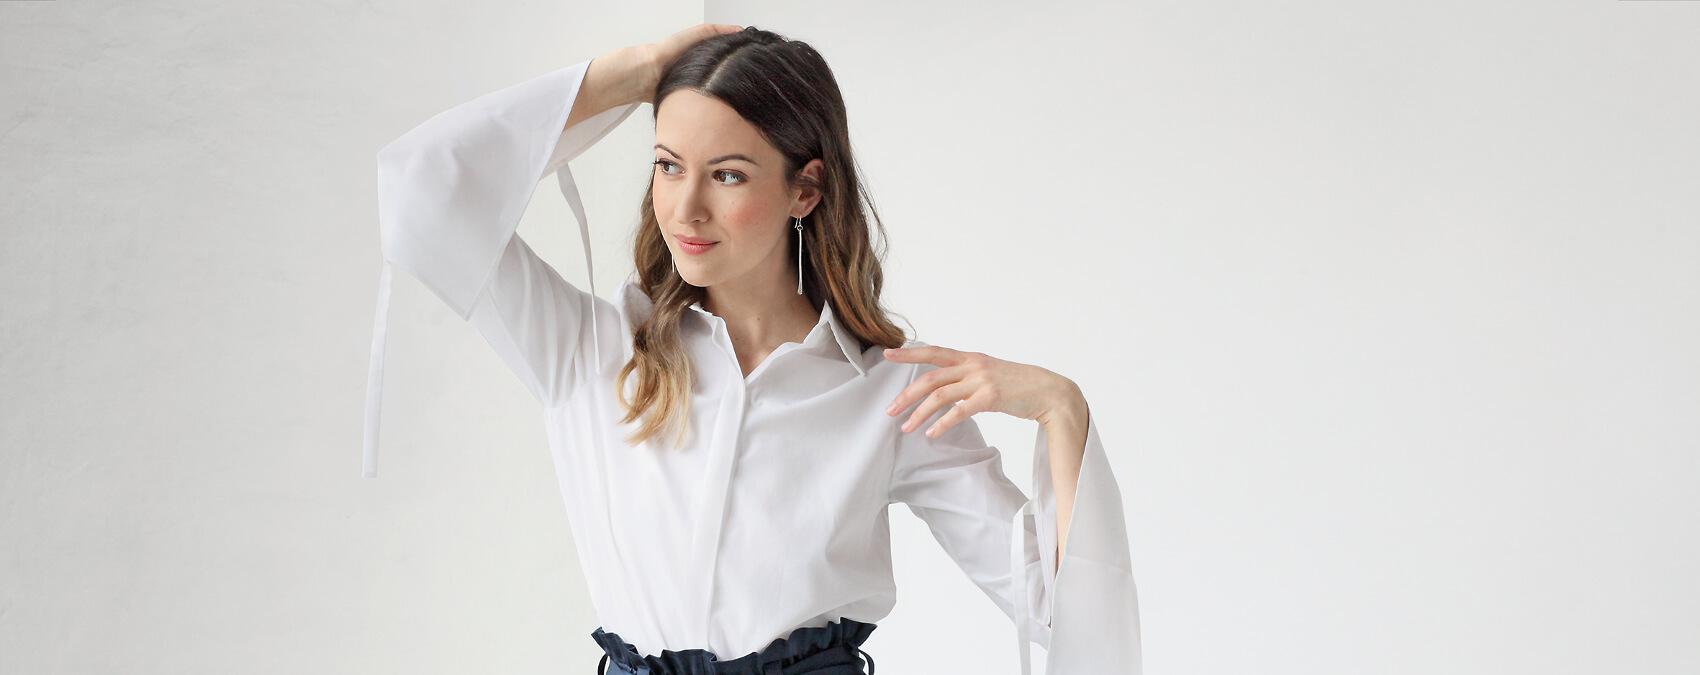 Frau in weißer Bluse vor Wand